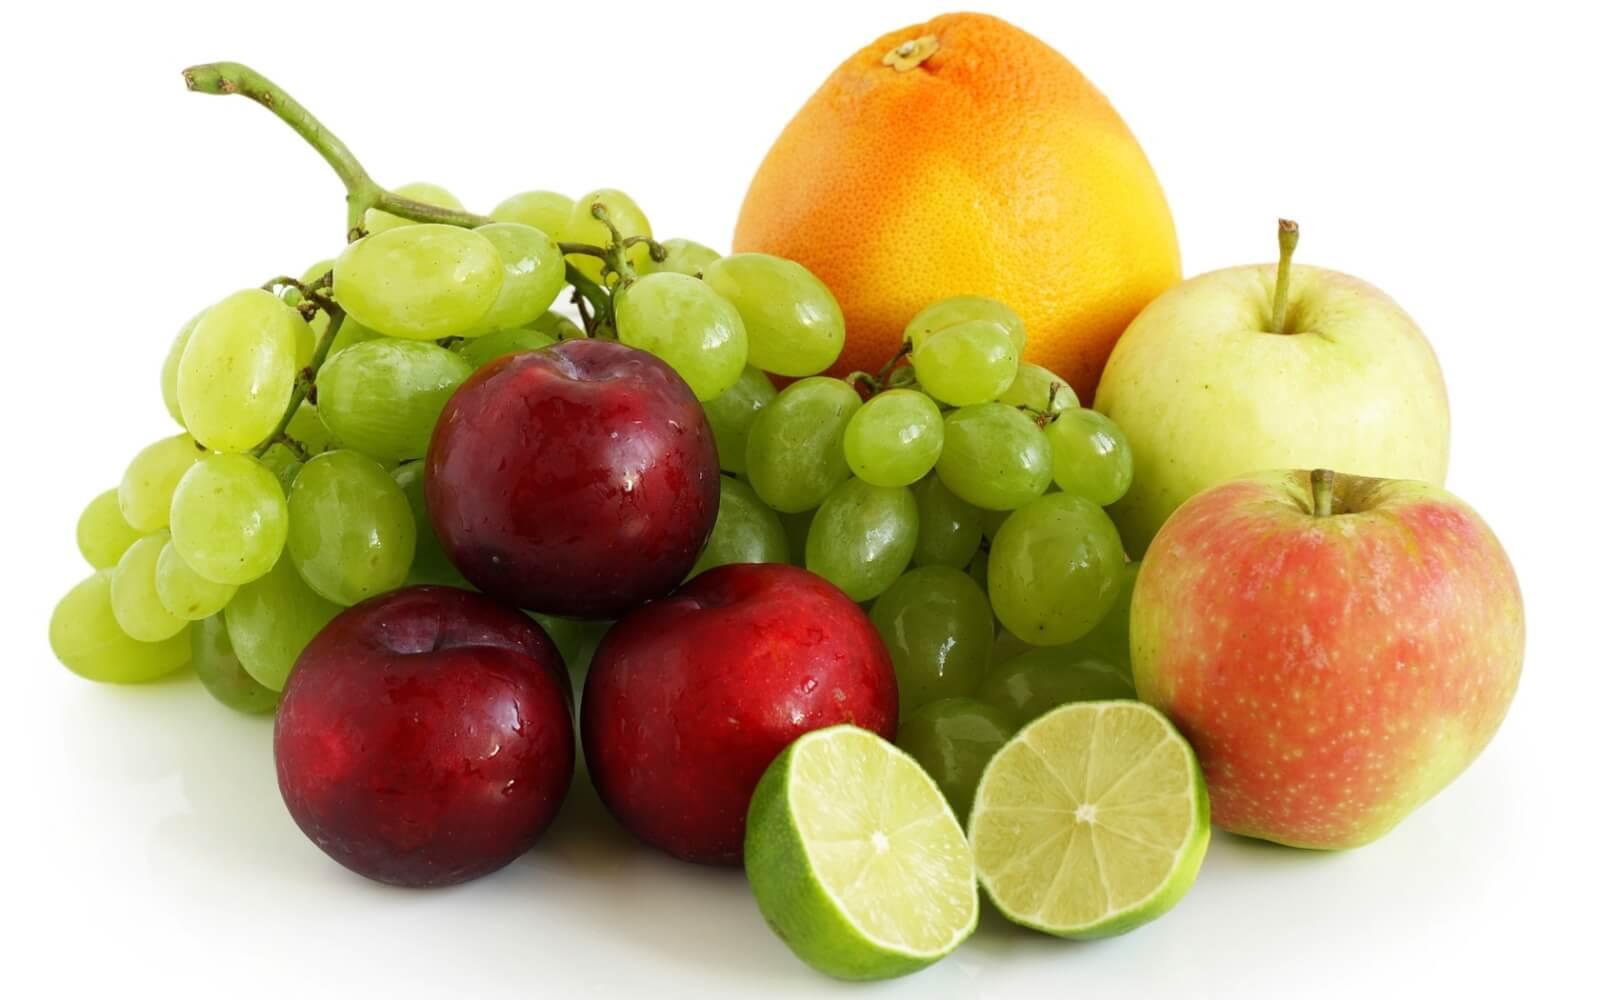 Полезные свойства глюкозы: для чего нужна декстроза, и какое влияние оказывает на организм